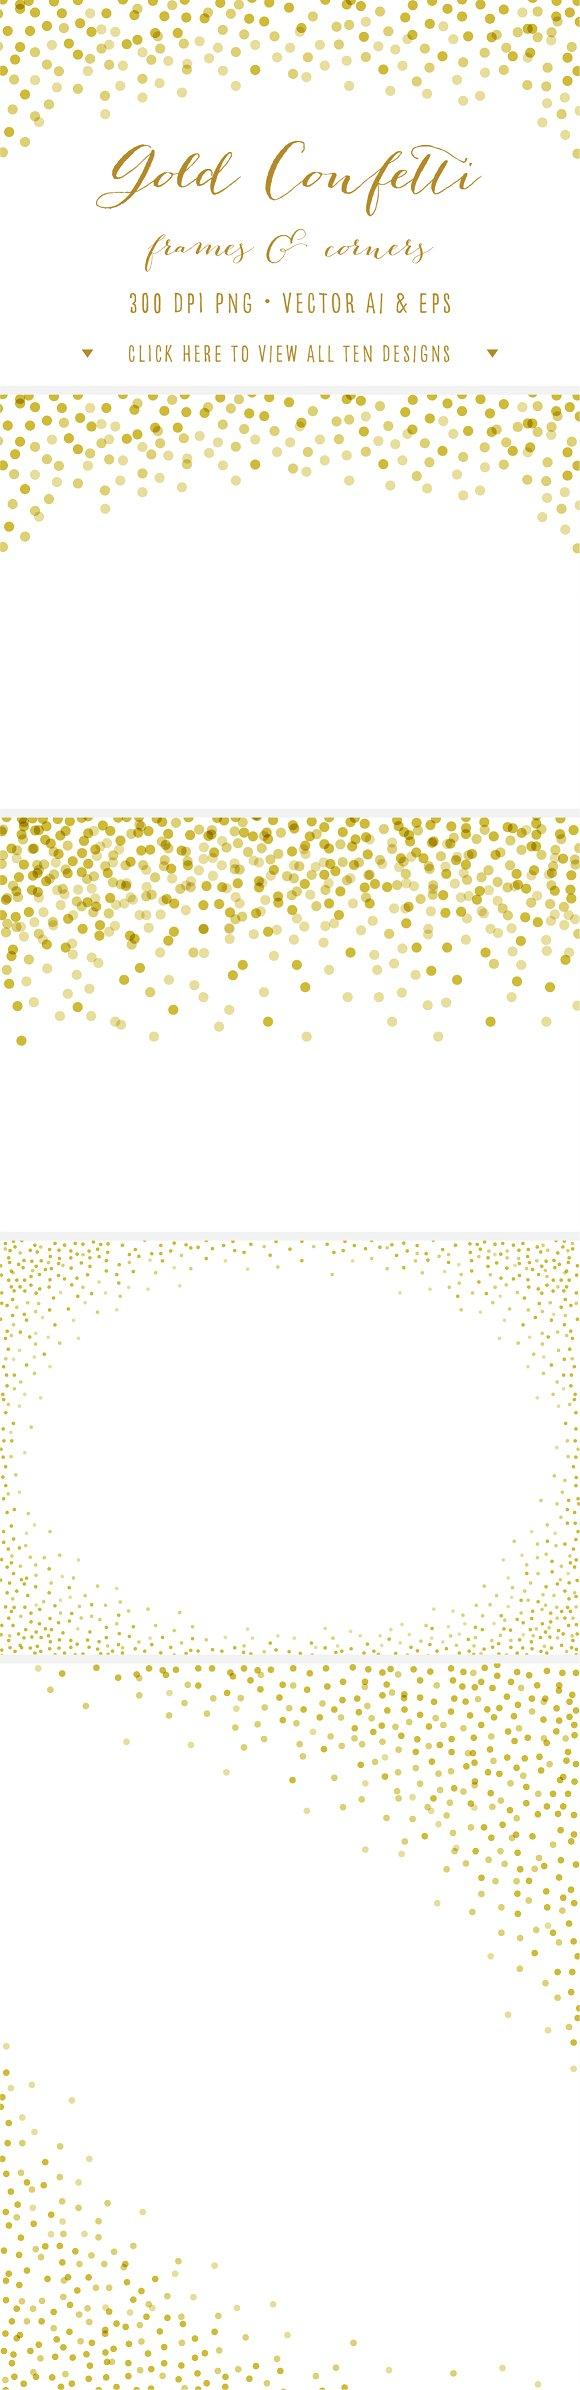 Gold Confetti Frames Corners